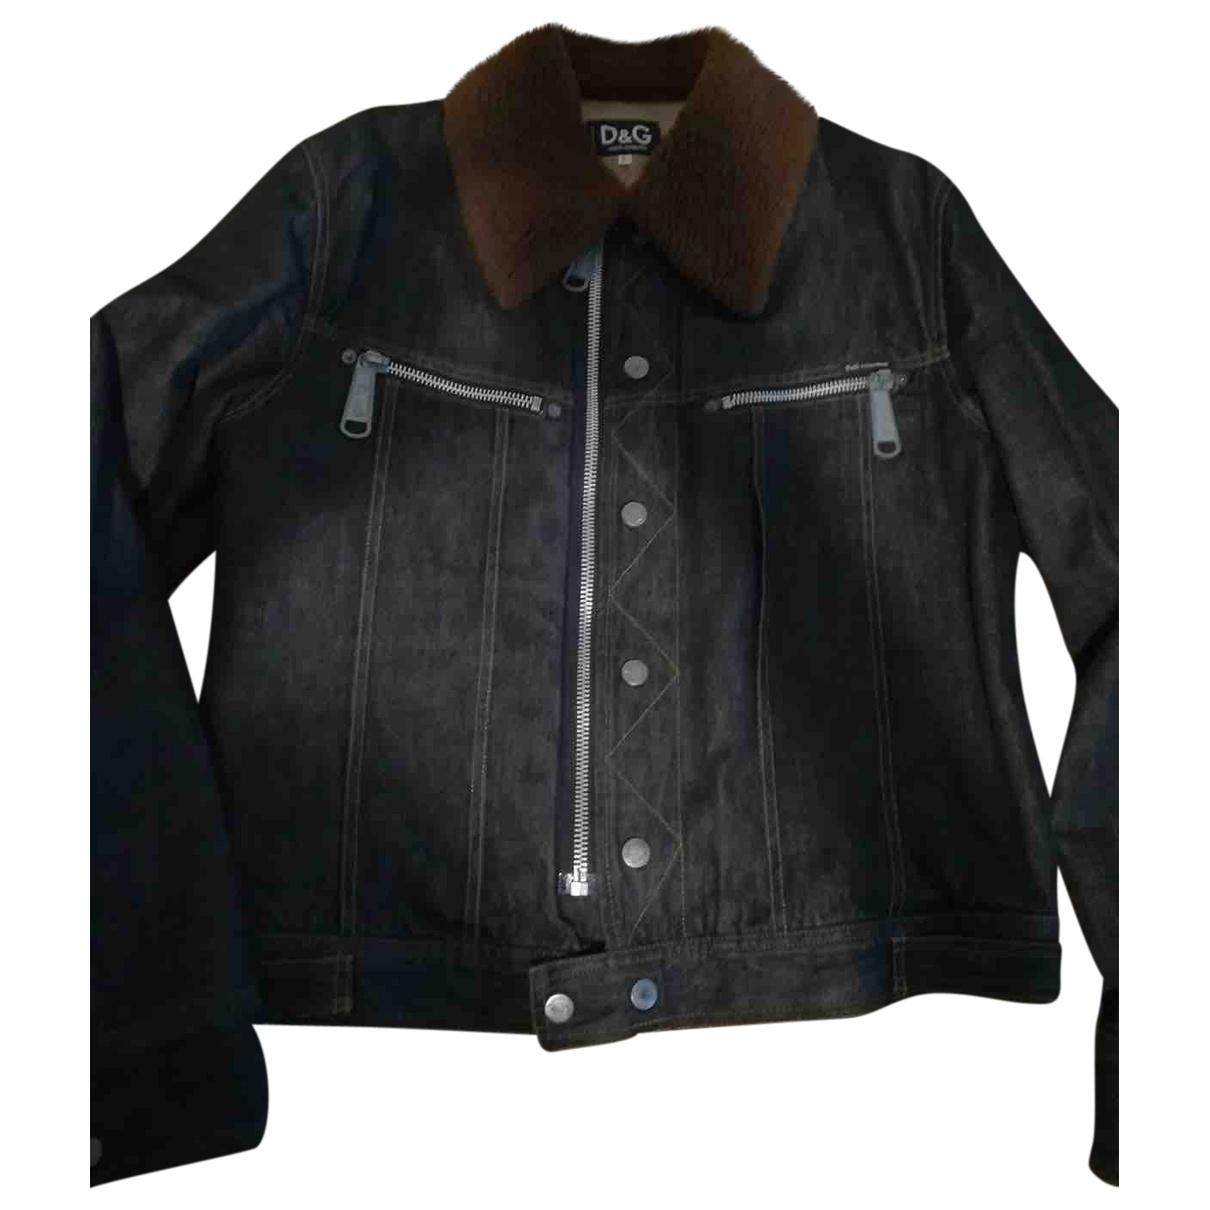 Dolce & Gabbana \N Blue Denim - Jeans jacket  for Men L International